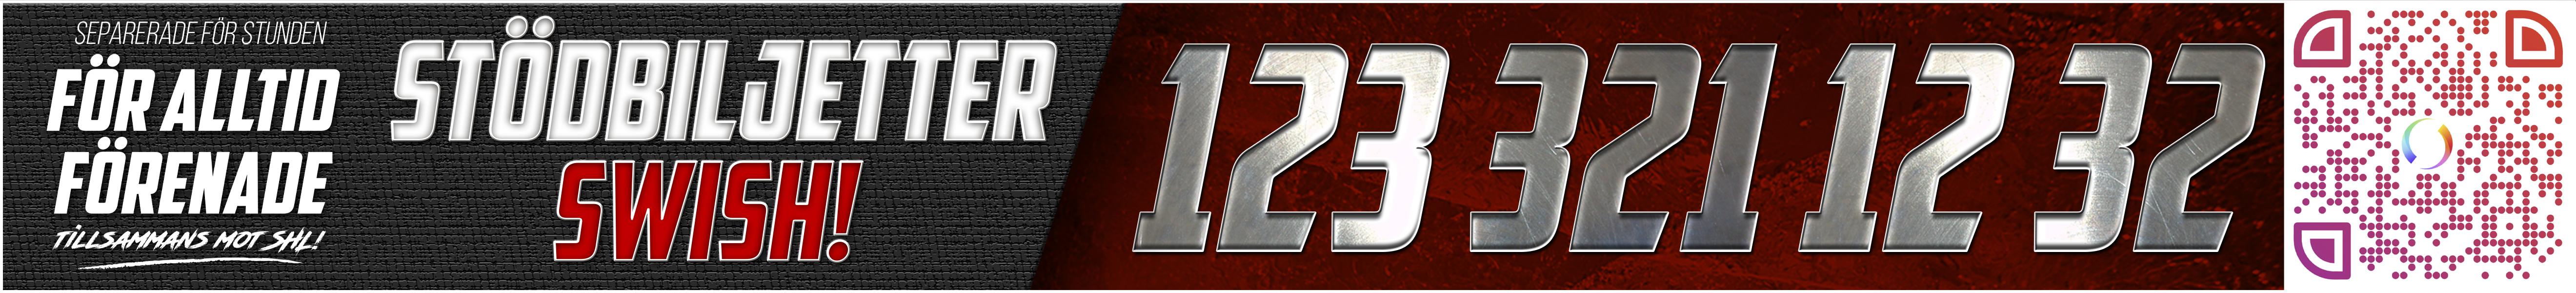 Stödbiljetter swishnr 123 321 12 32